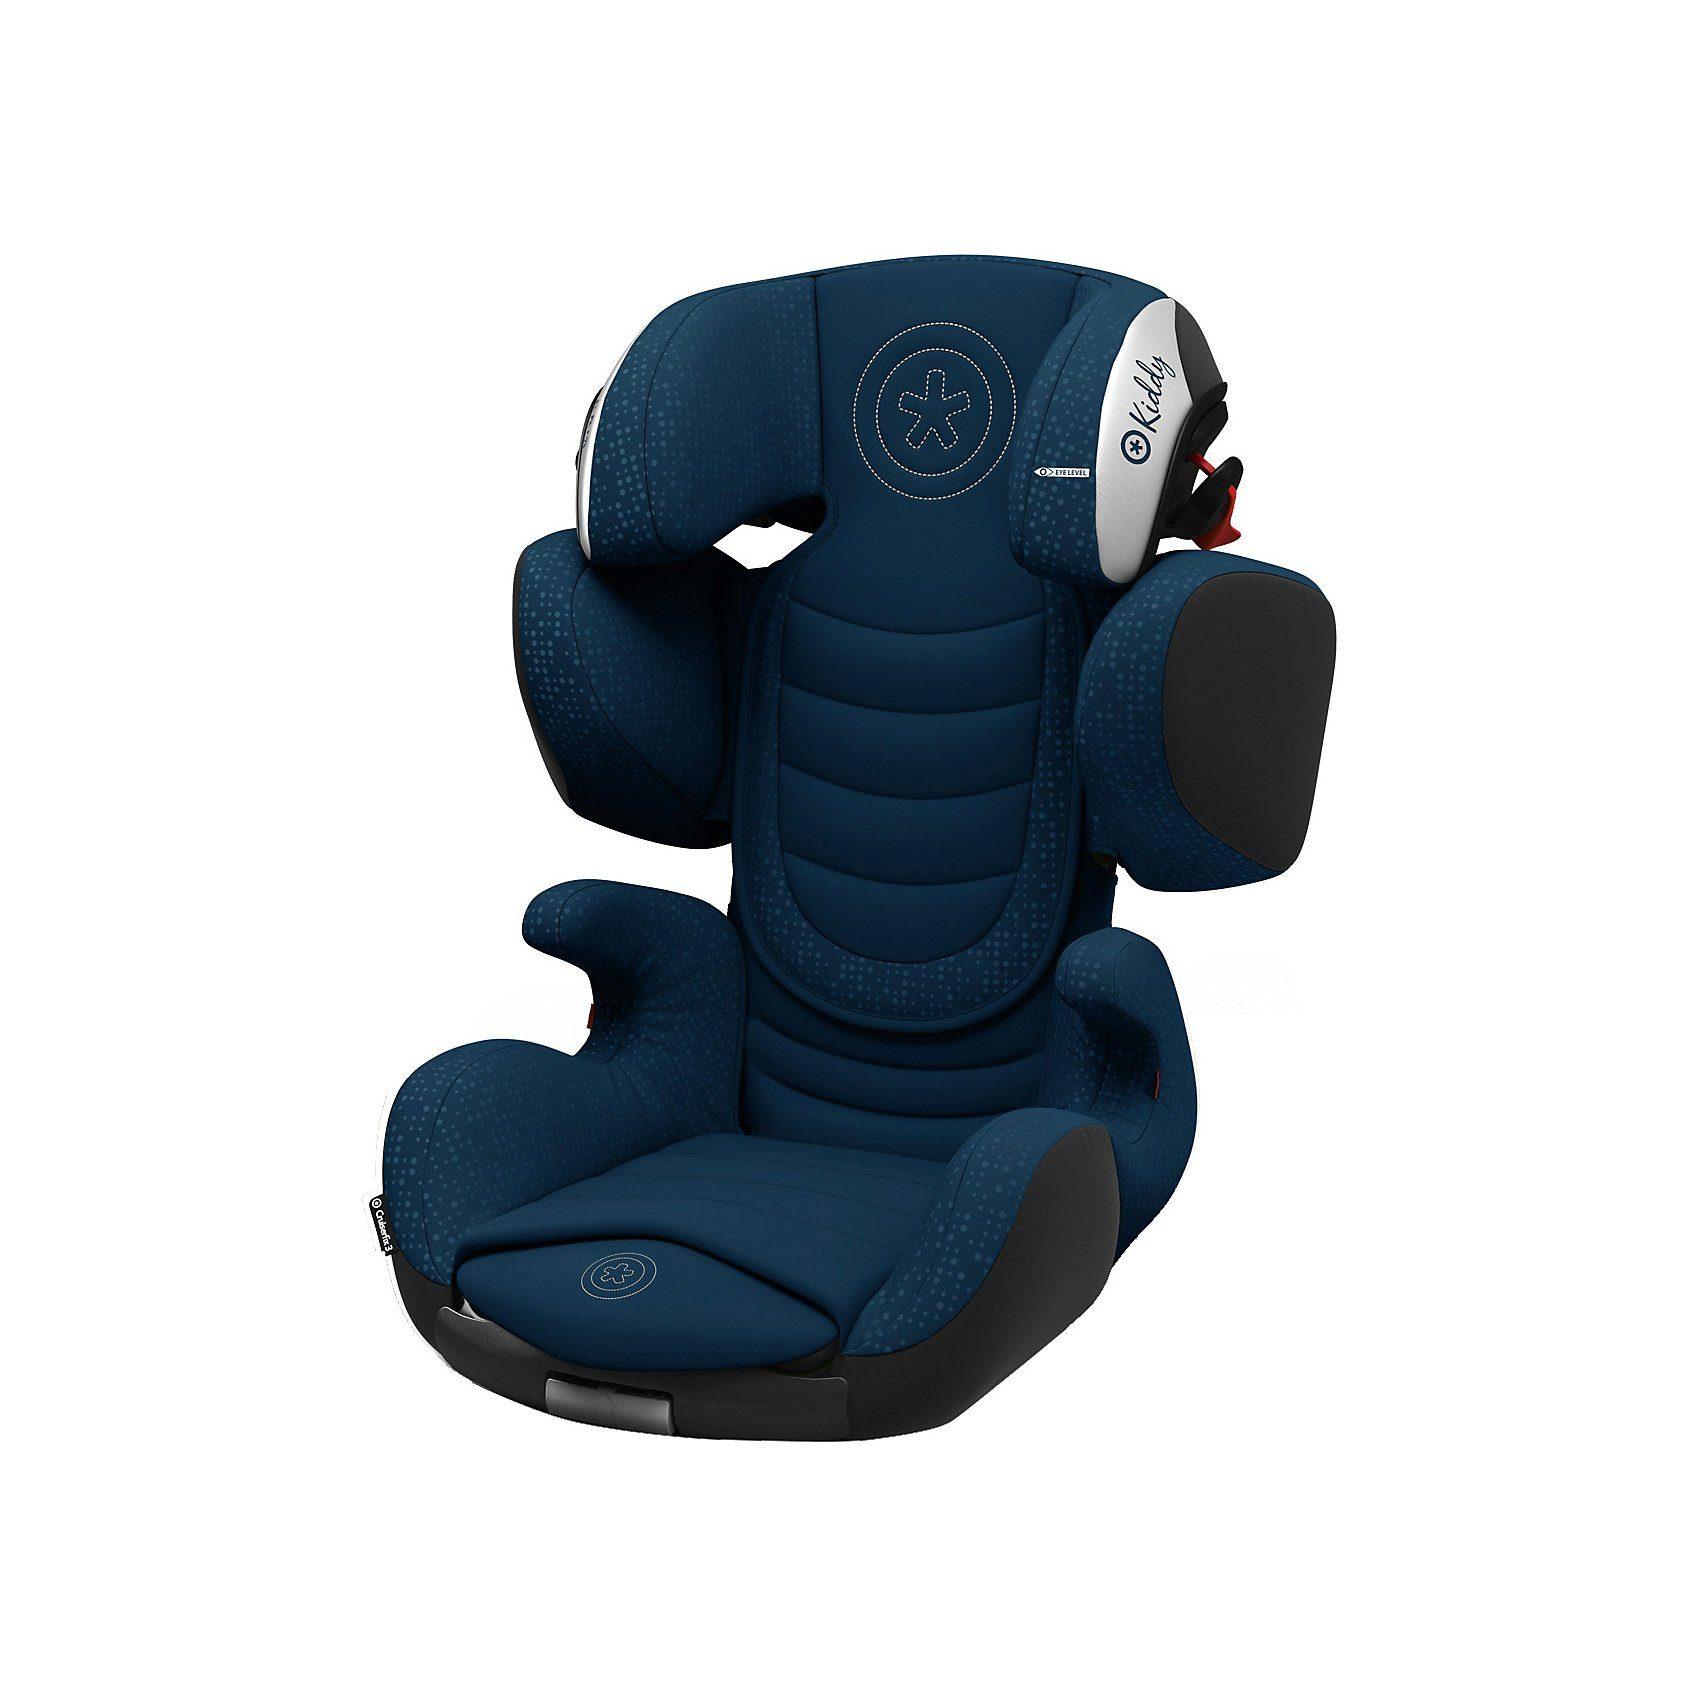 kiddy Auto-Kindersitz Cruiserfix 3, Mountain Blue, 2018